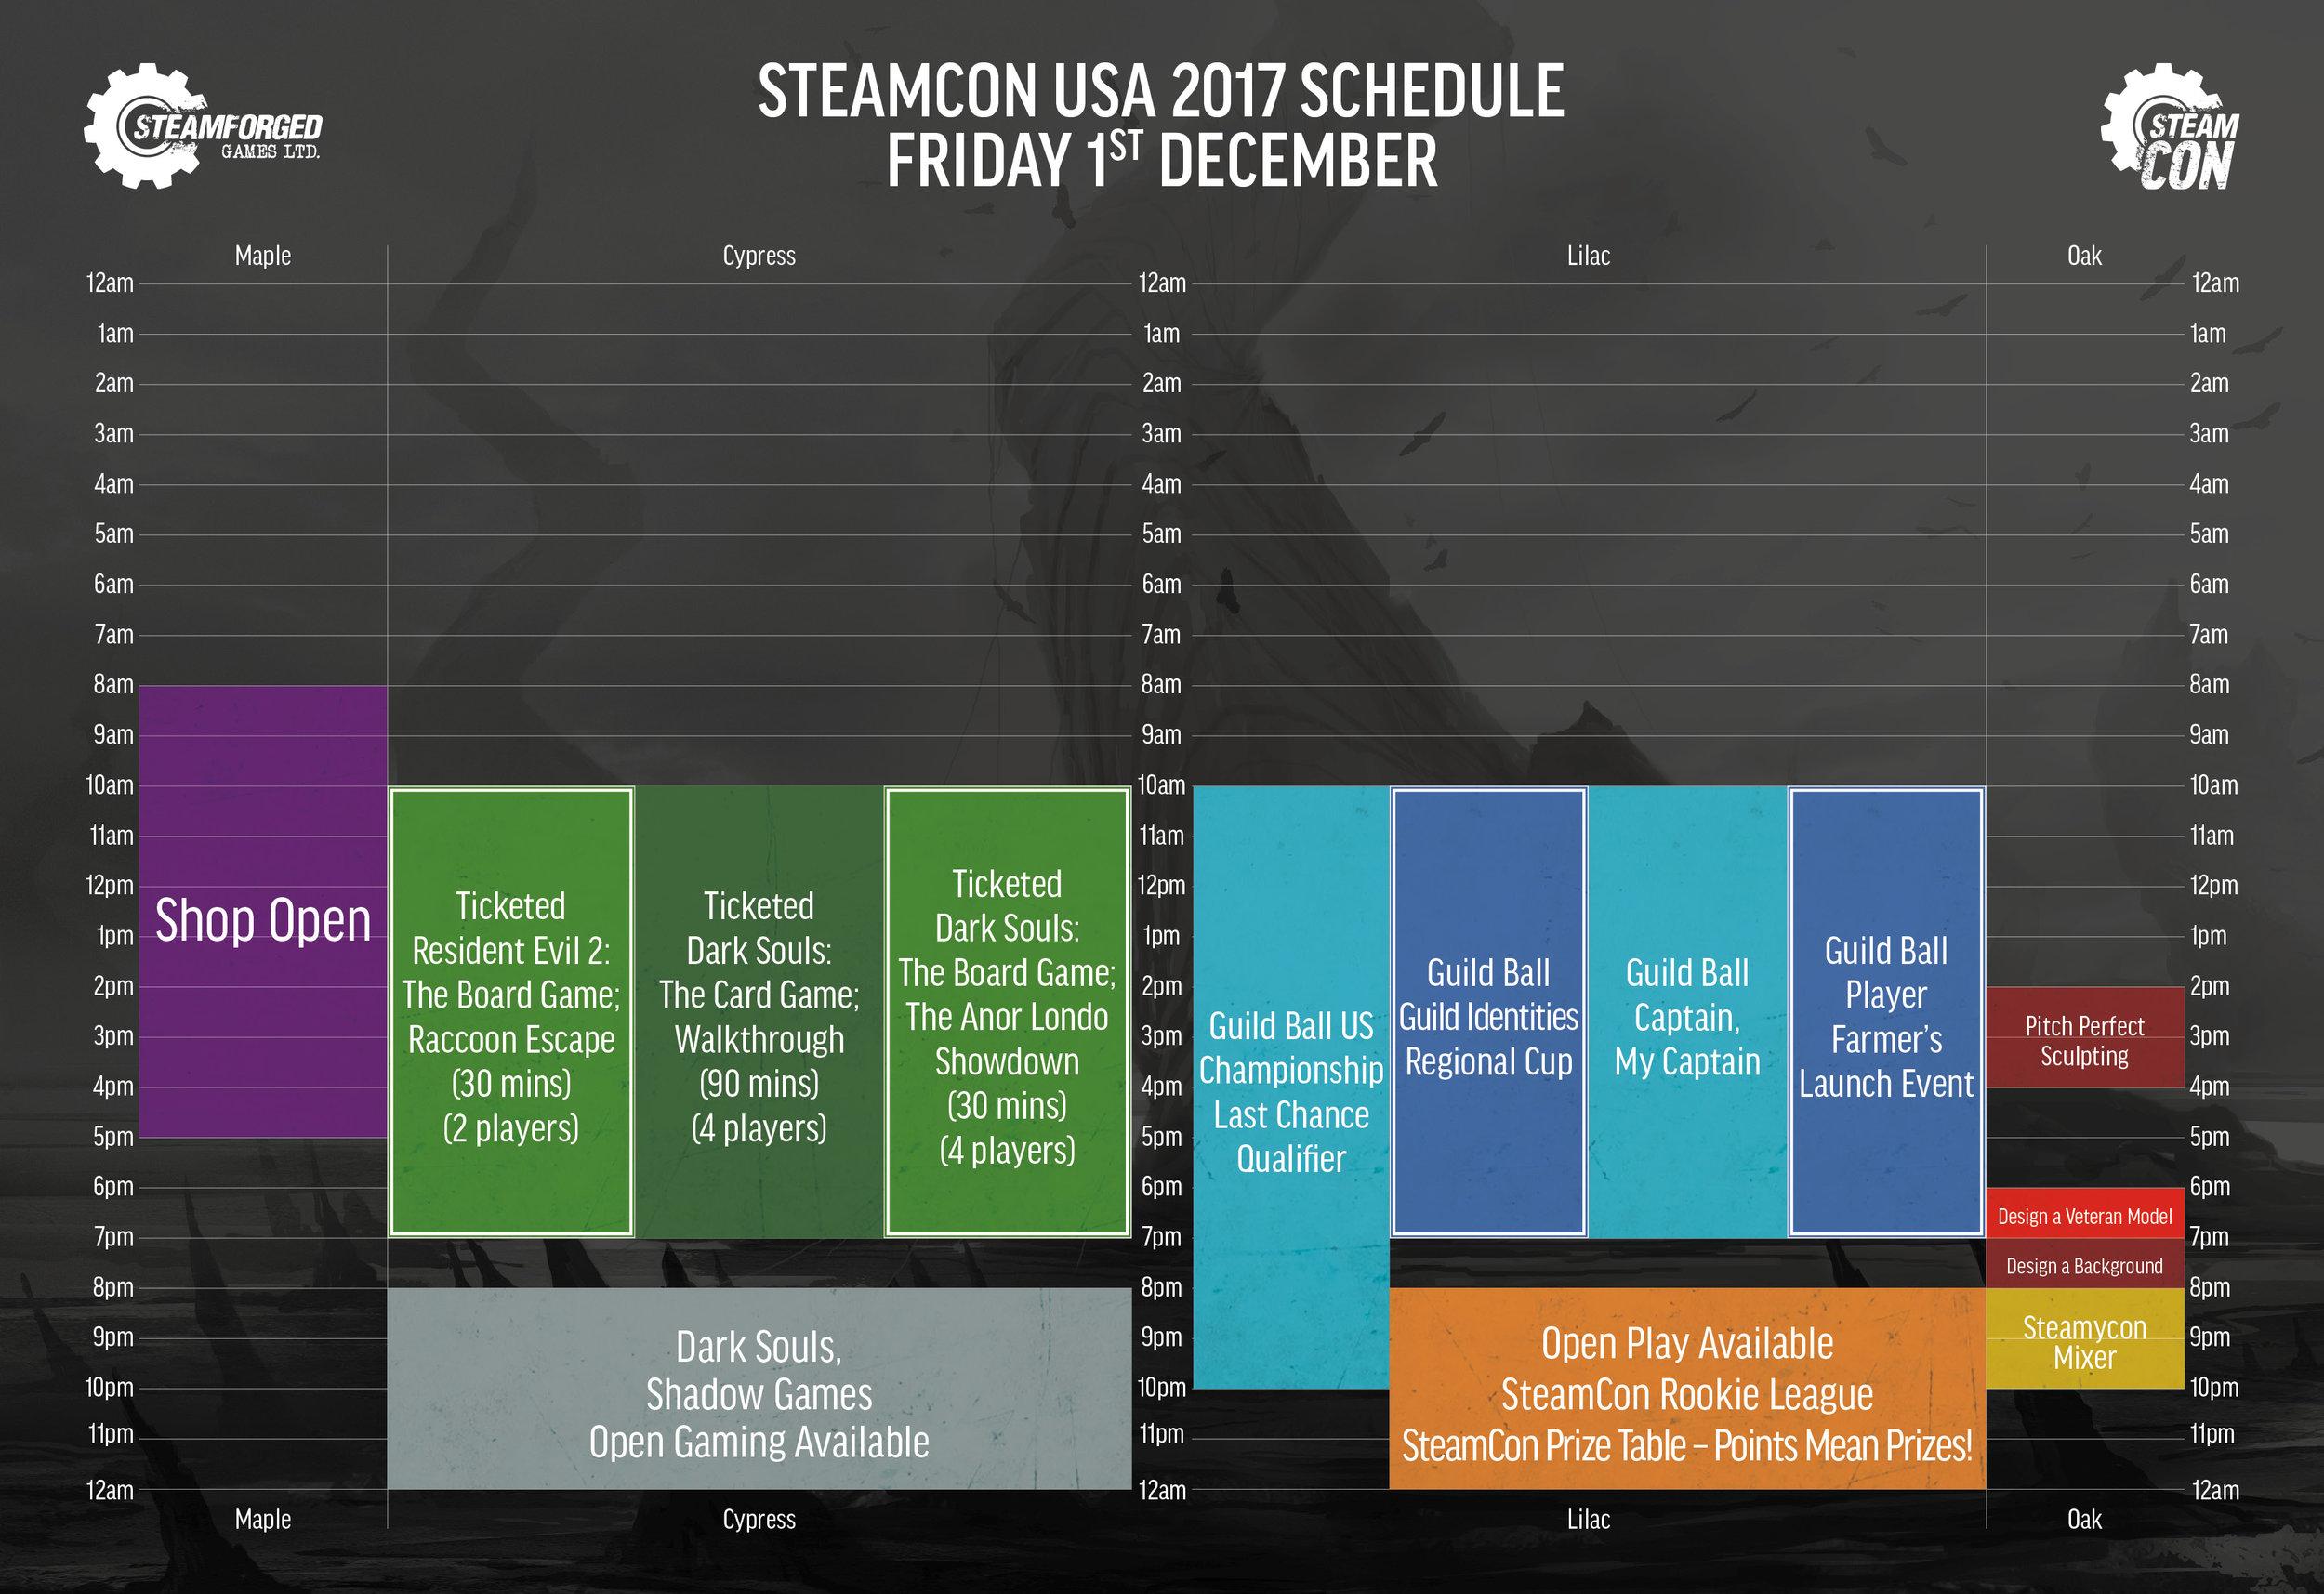 SC2017-Schedule-USA-Friday.jpg